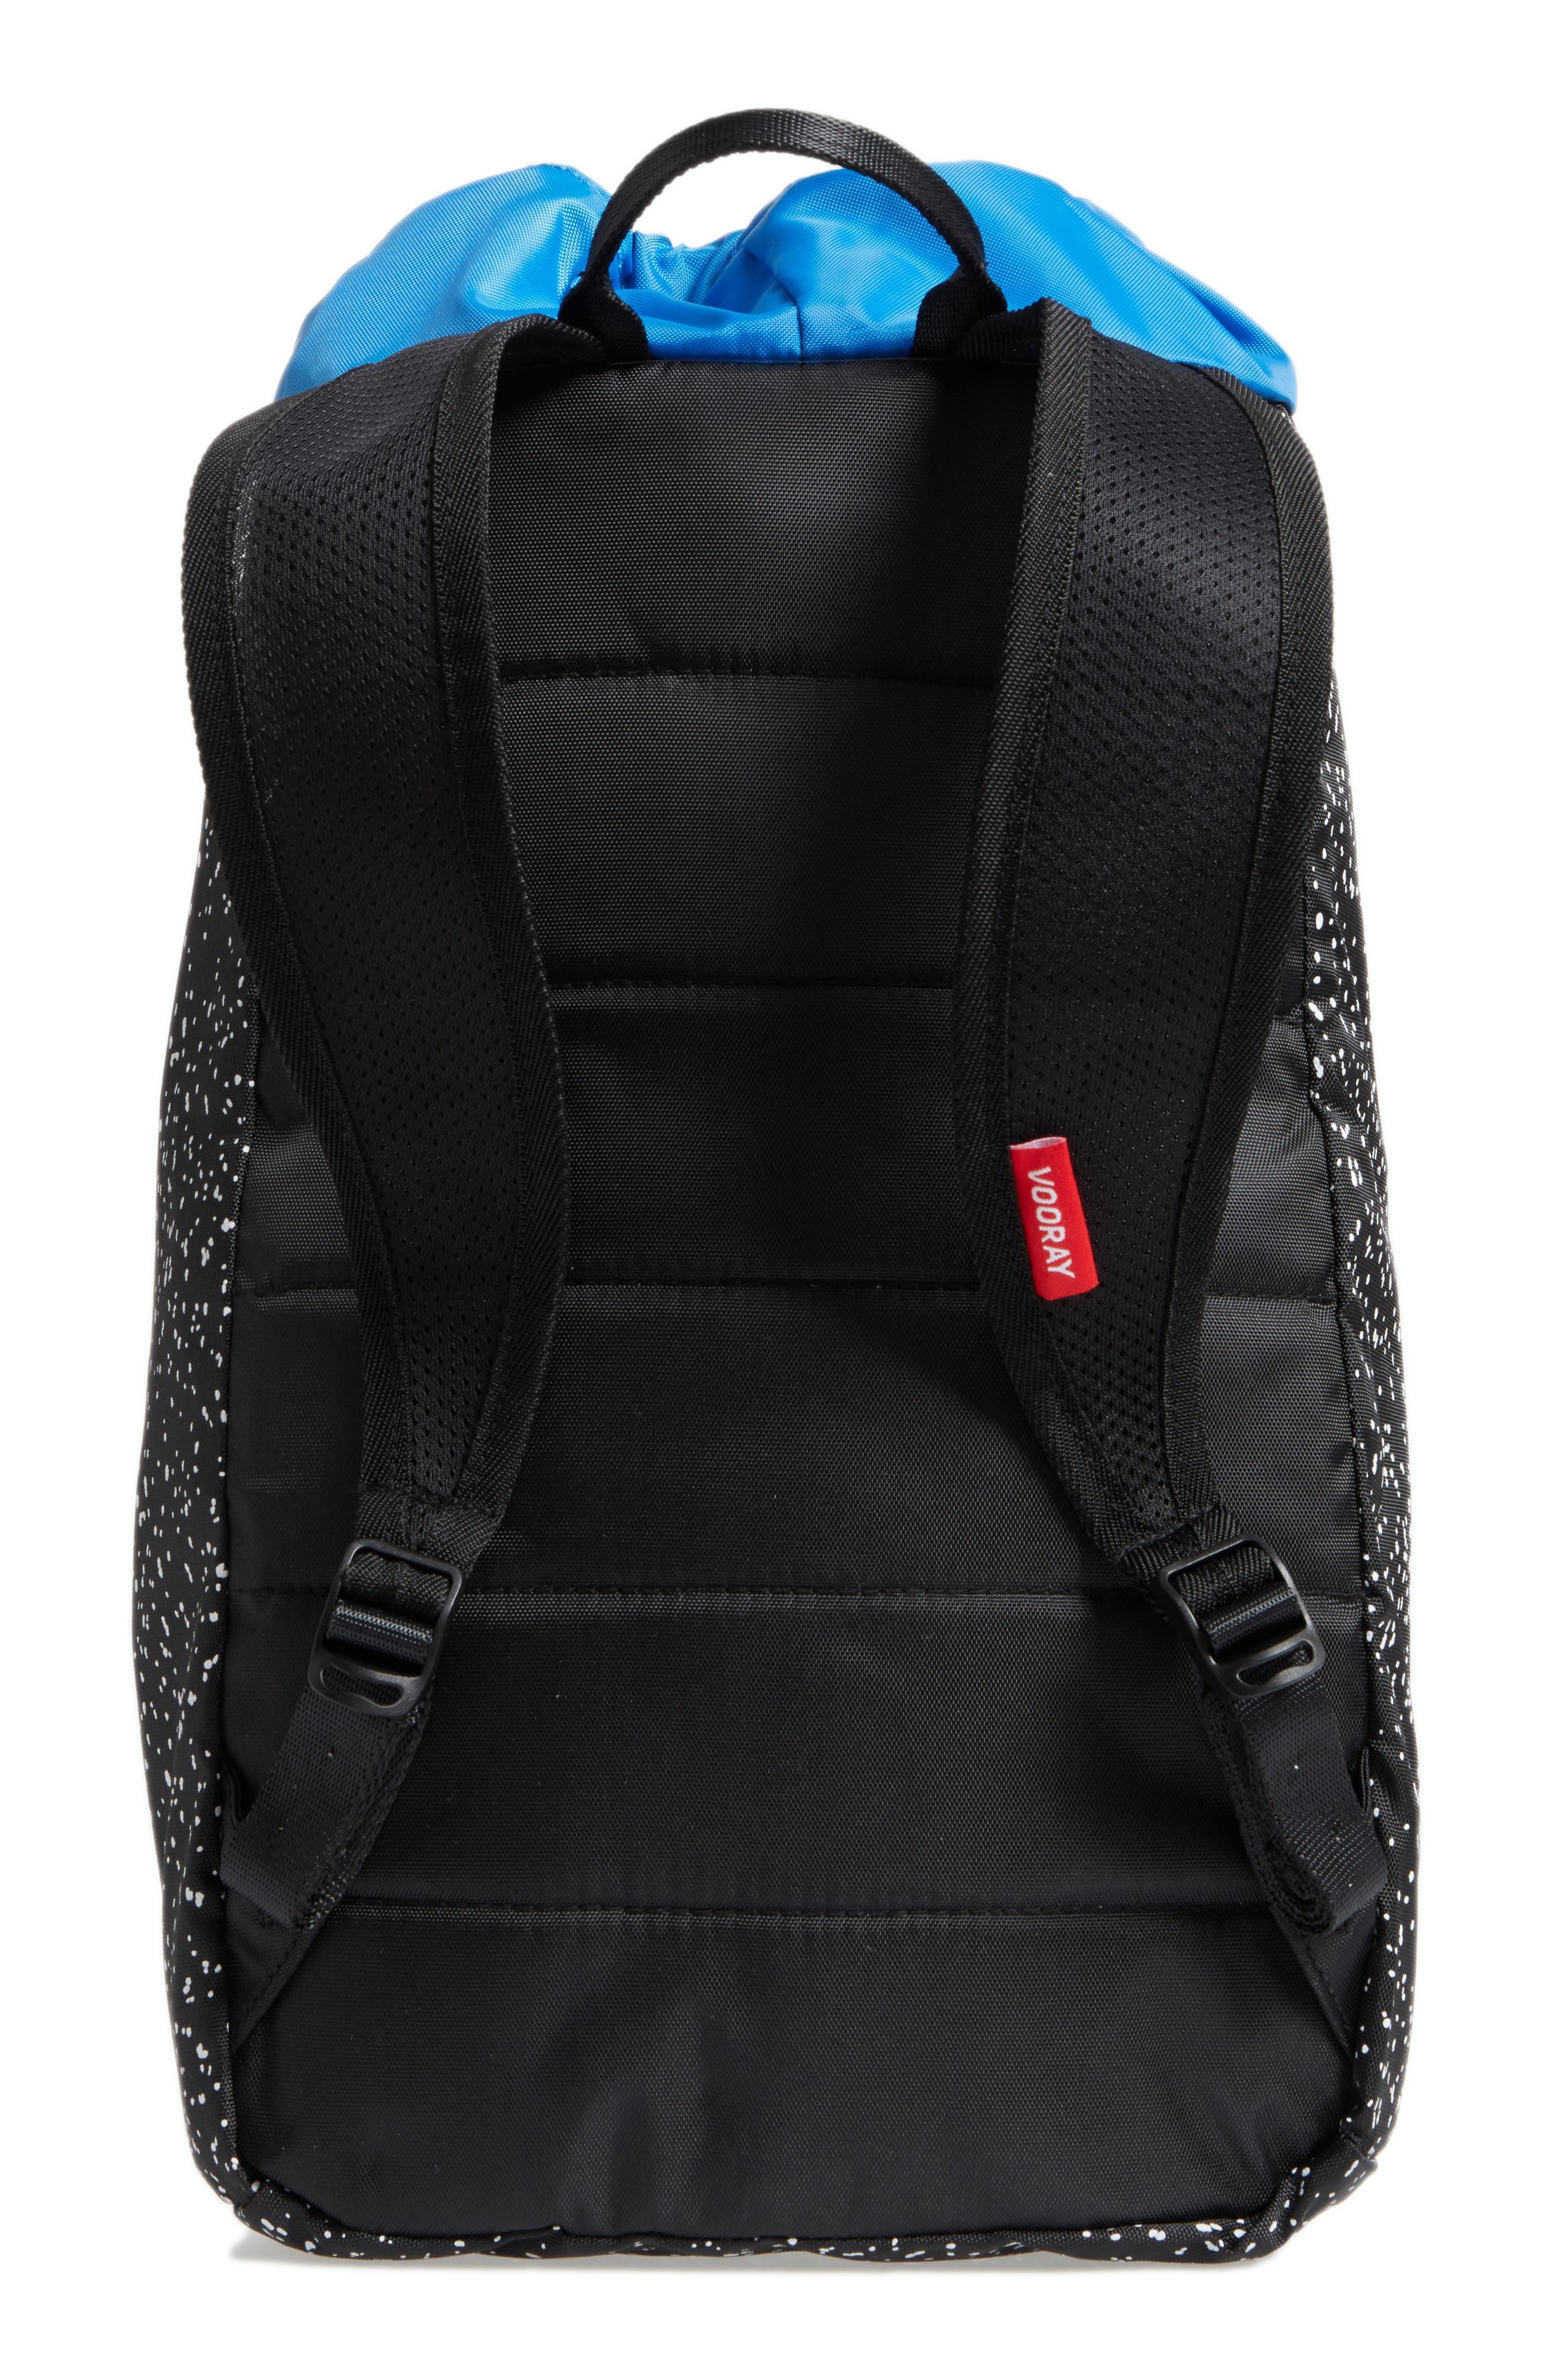 Stride Cinch Top Backpack,                             Alternate thumbnail 2, color,                             Black Speck